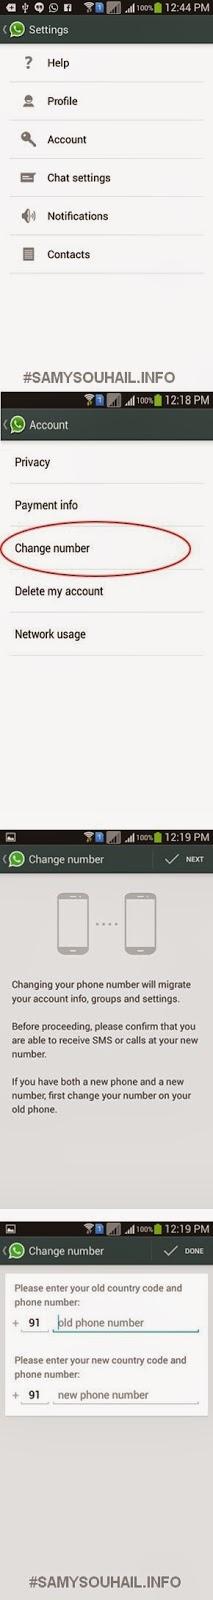 في 4 خطوات: غير رقم هاتفك دون ضياع محادثات الواتس آب.. شرح بالصور